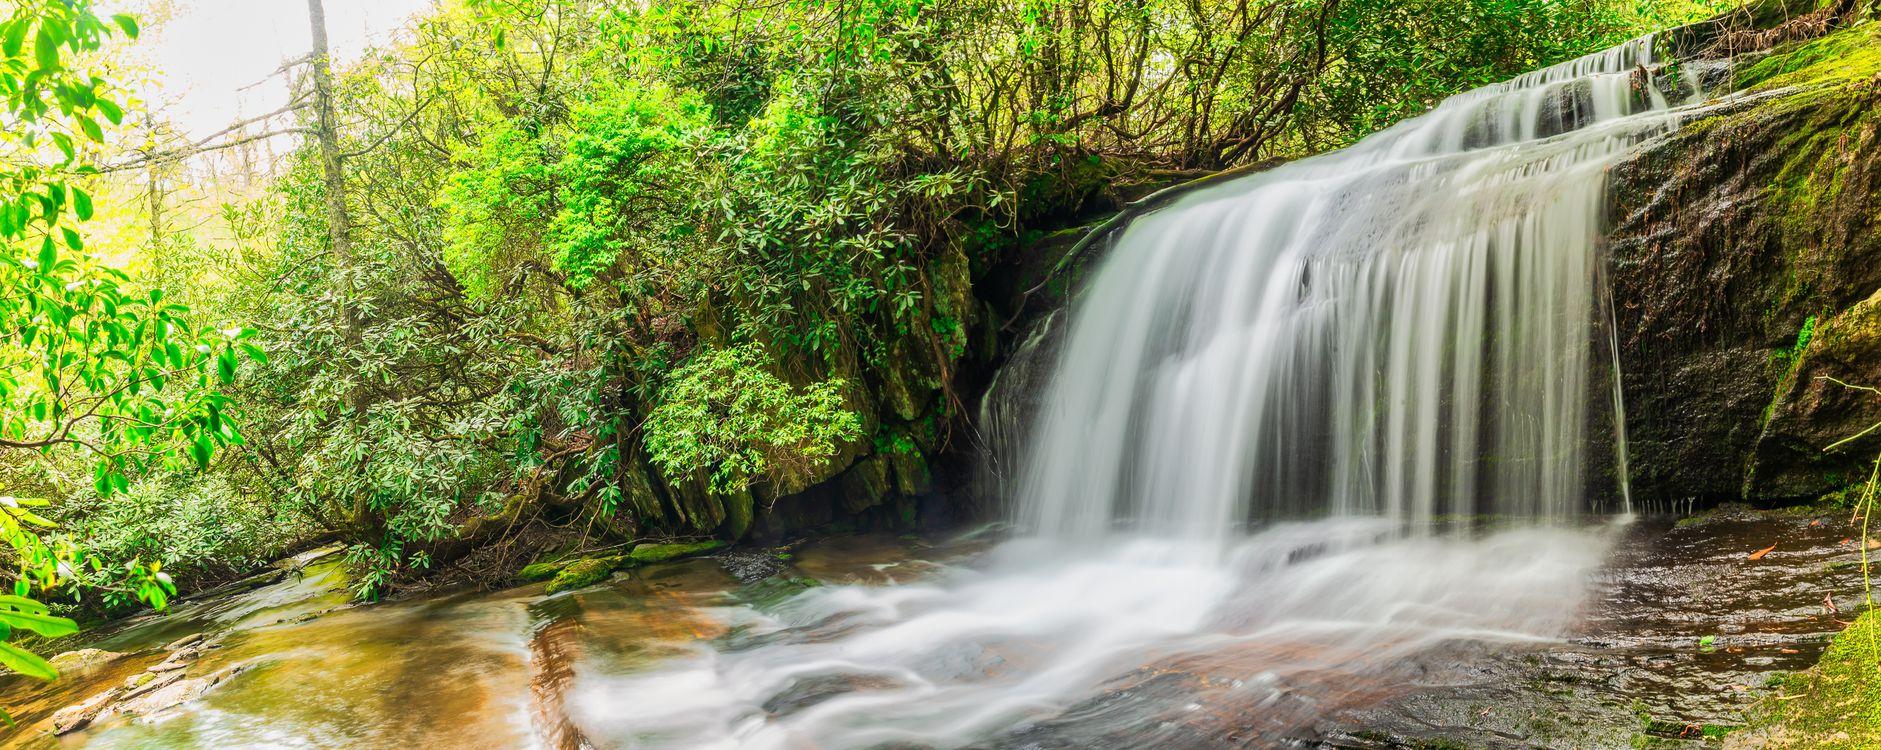 Фото бесплатно North Carolina, National Forest, водопад, река, скалы, деревья, природа, пейзаж, природа